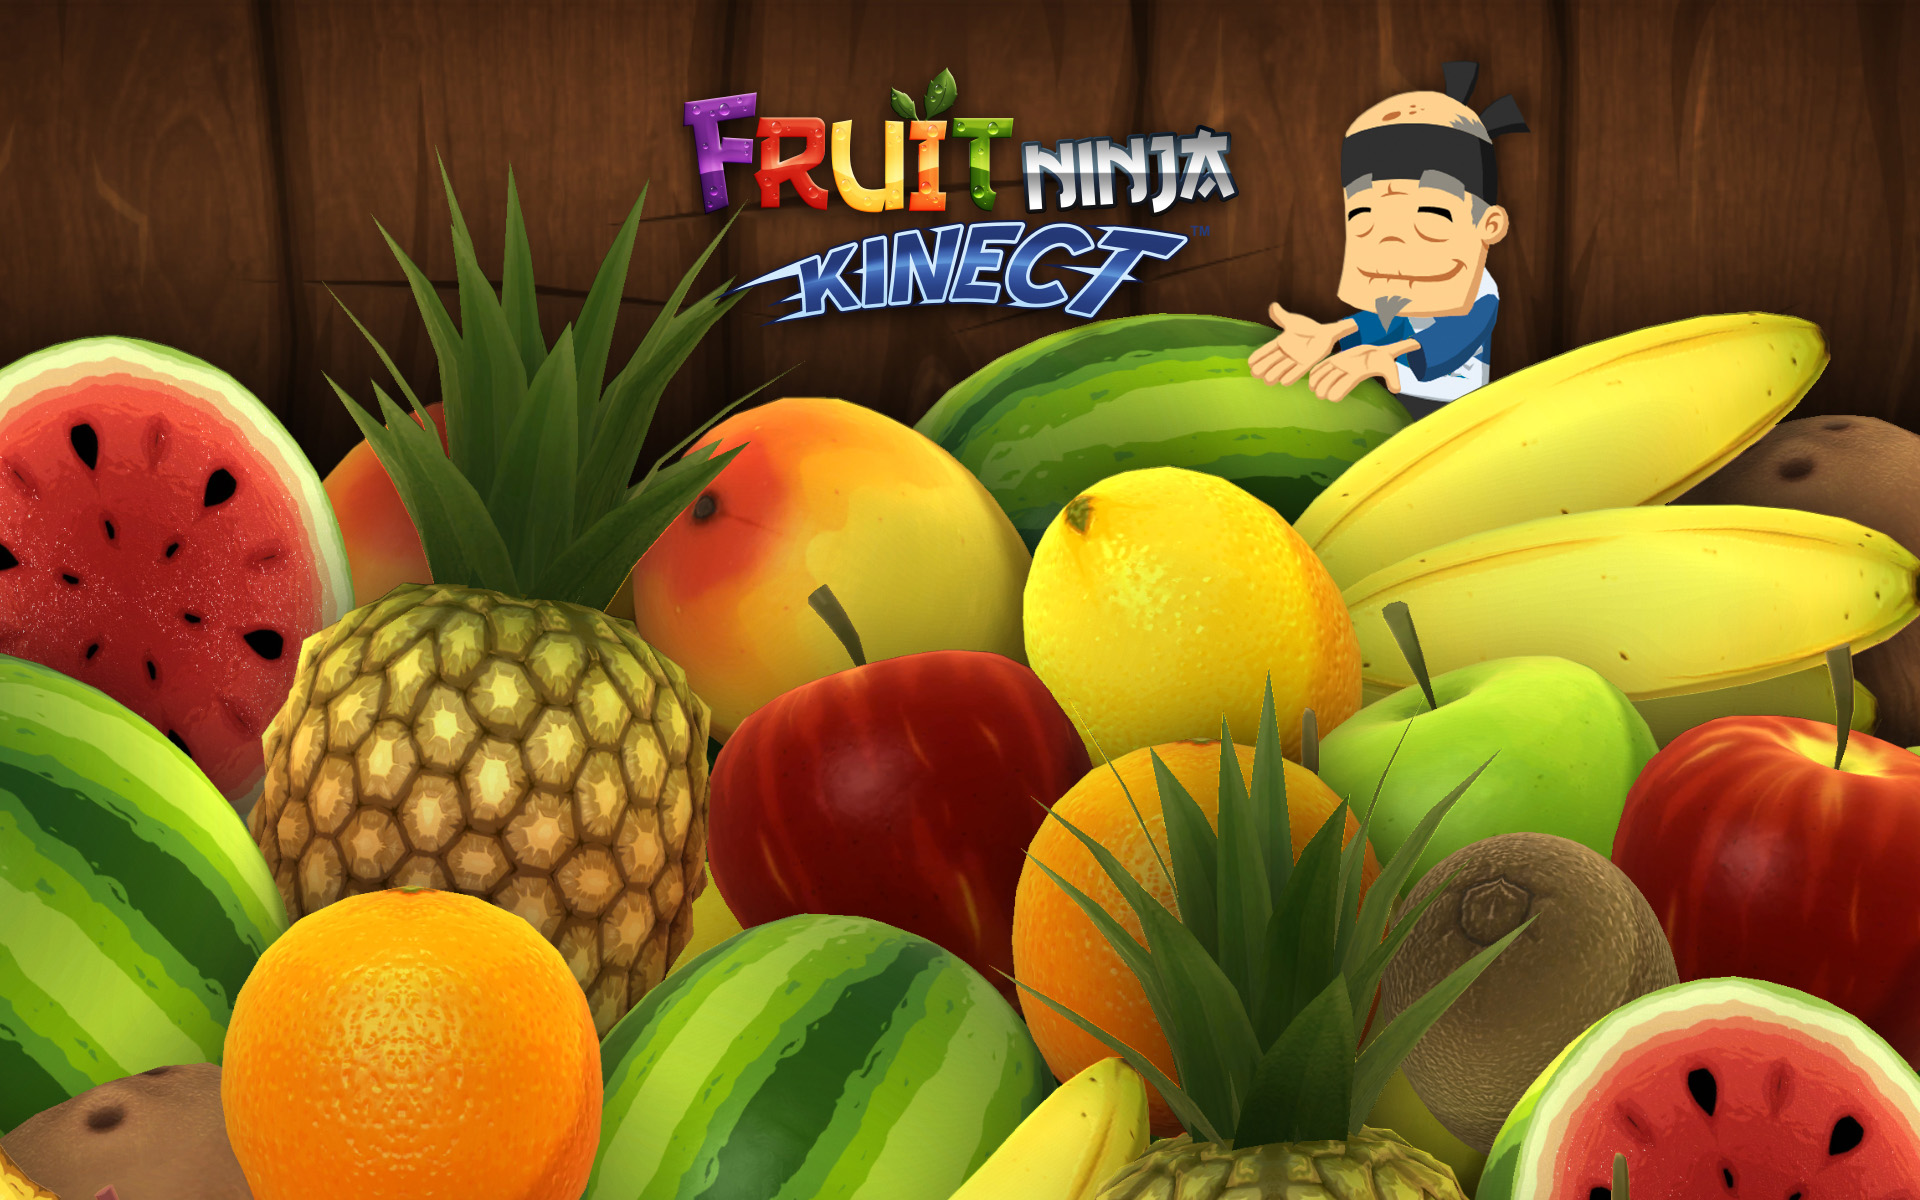 fc_fruitninja1